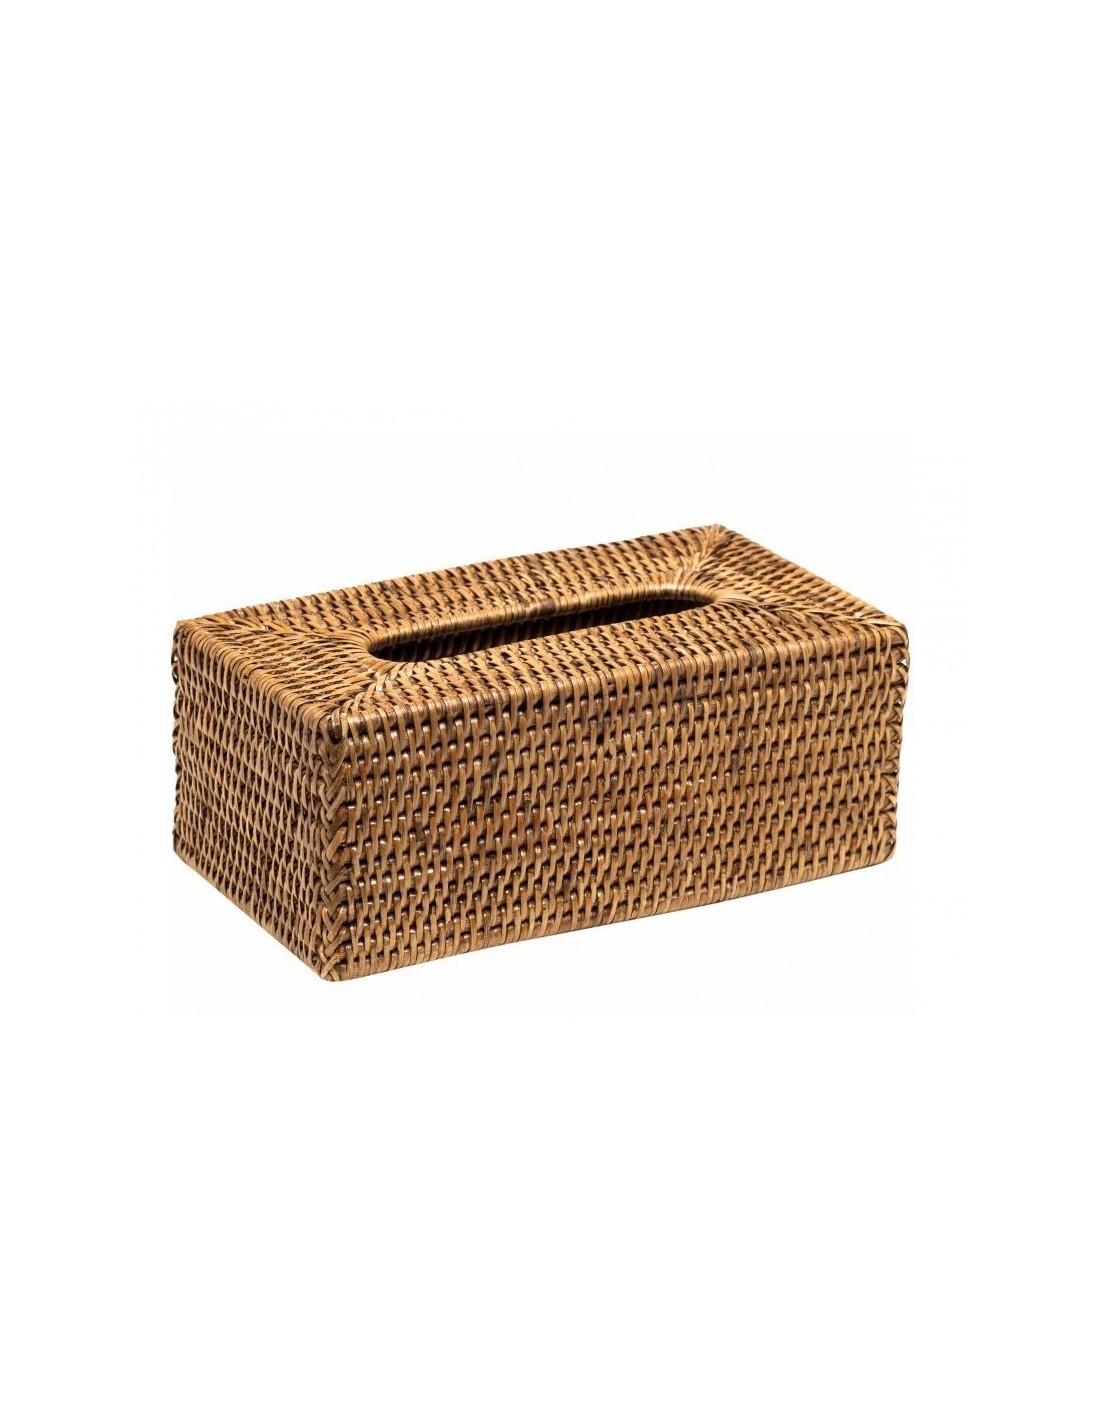 Boîte à mouchoirs Basket en rotin foncé